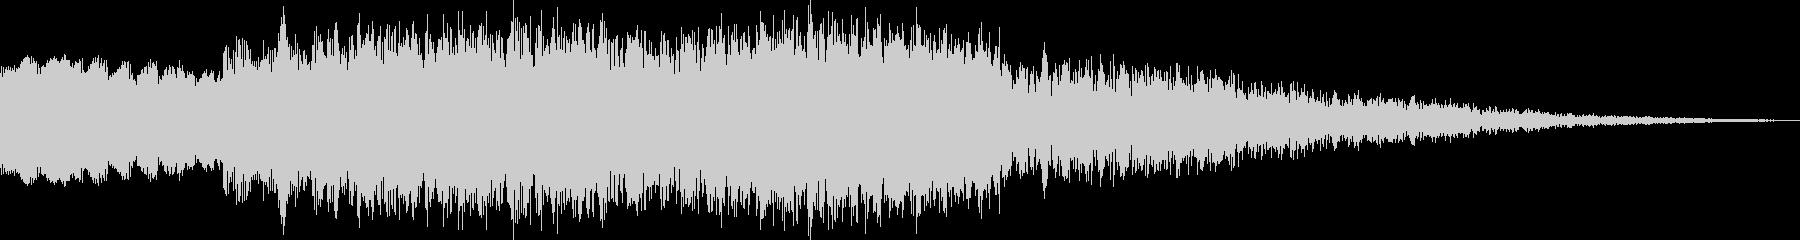 ピュイーン 上昇系電子音の未再生の波形